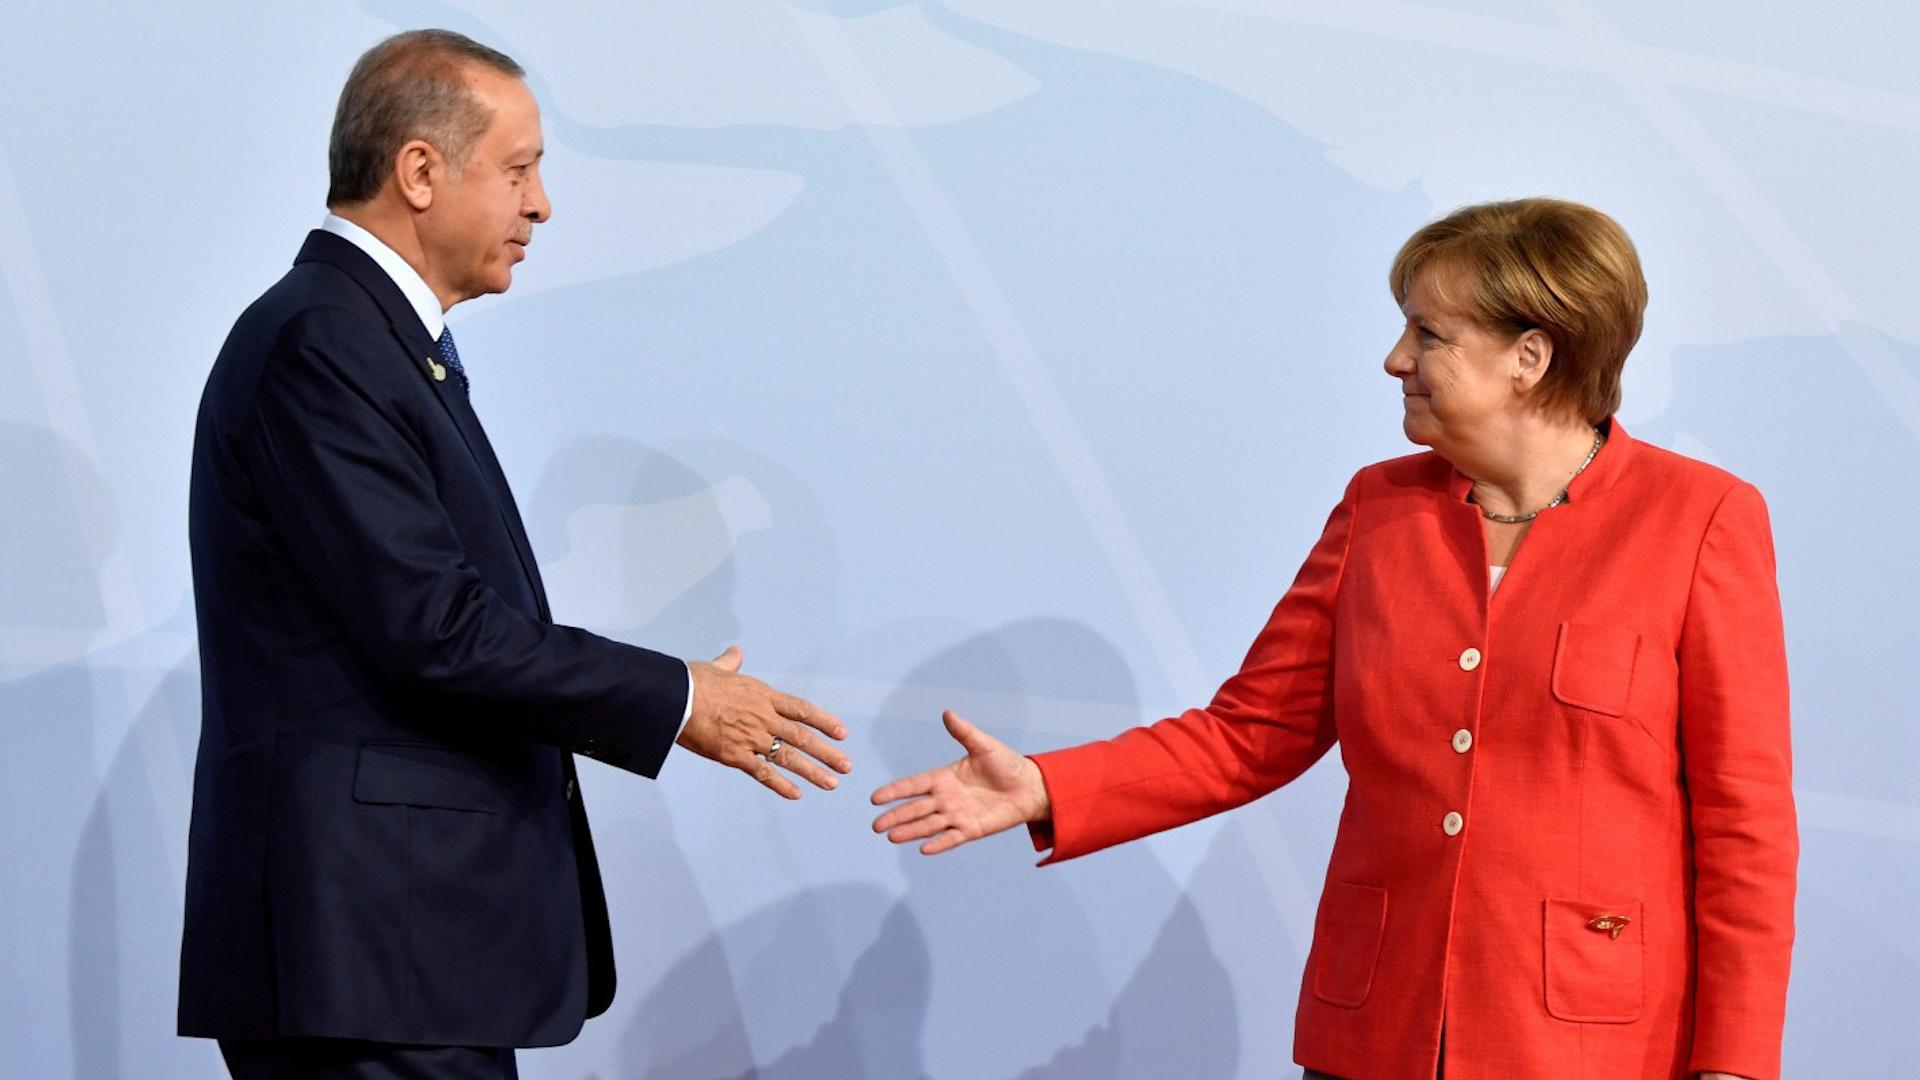 Photo of Merkel ji bo peymana koçberên Sûrî wê serdana Tirkiyê bike